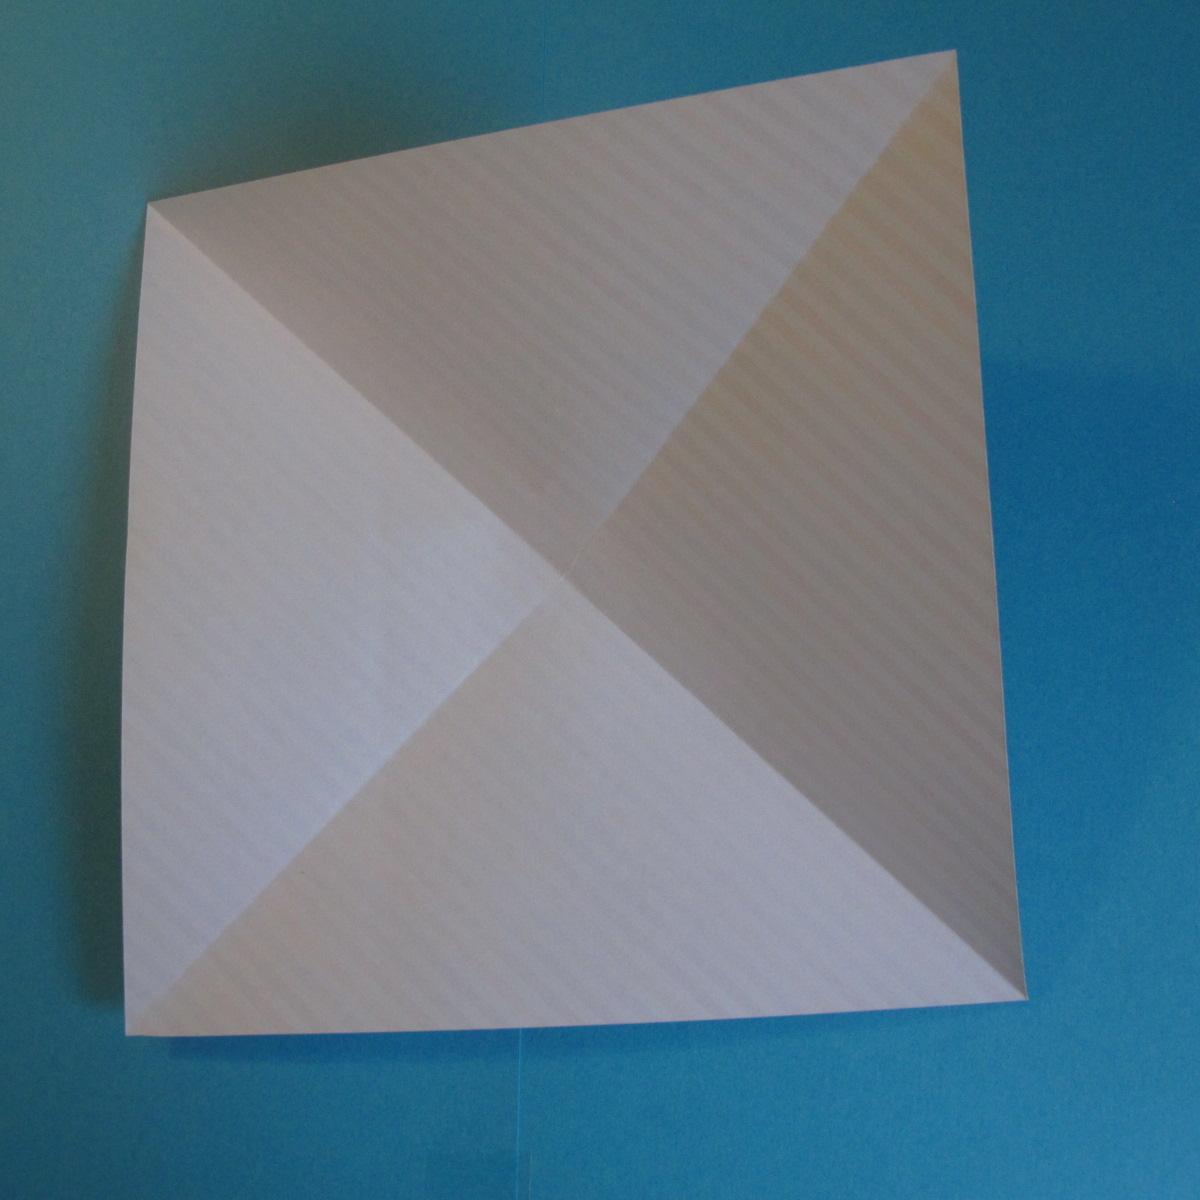 วิธีการพับกระดาษเป็นโบว์หูกระต่าย 002